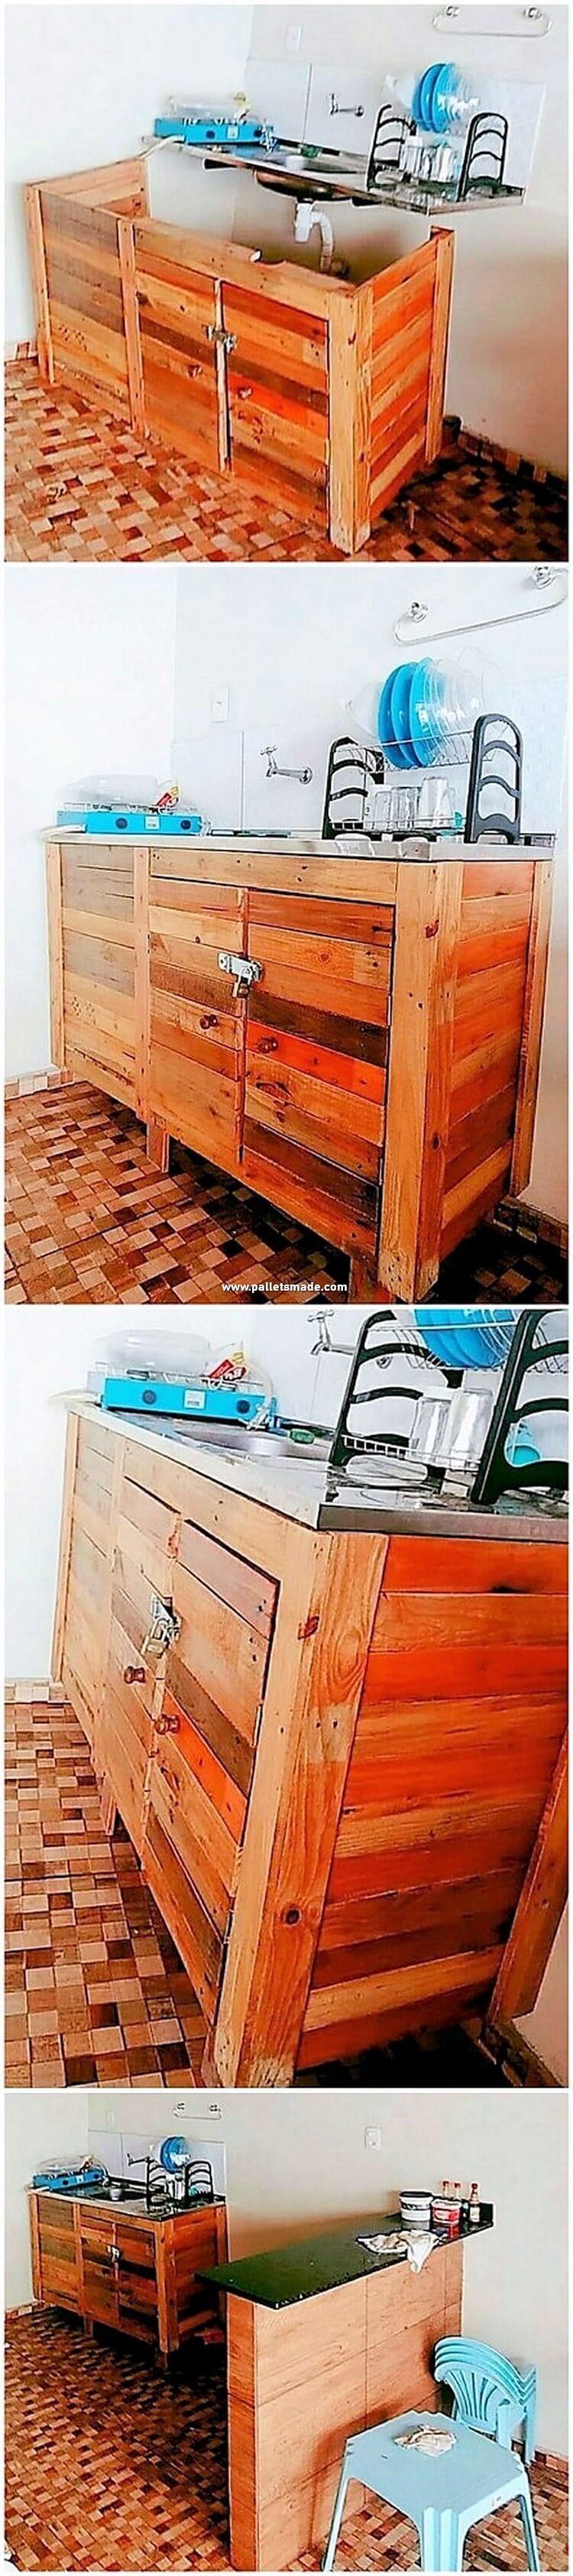 Pallet Kitchen Sink with Cabinet